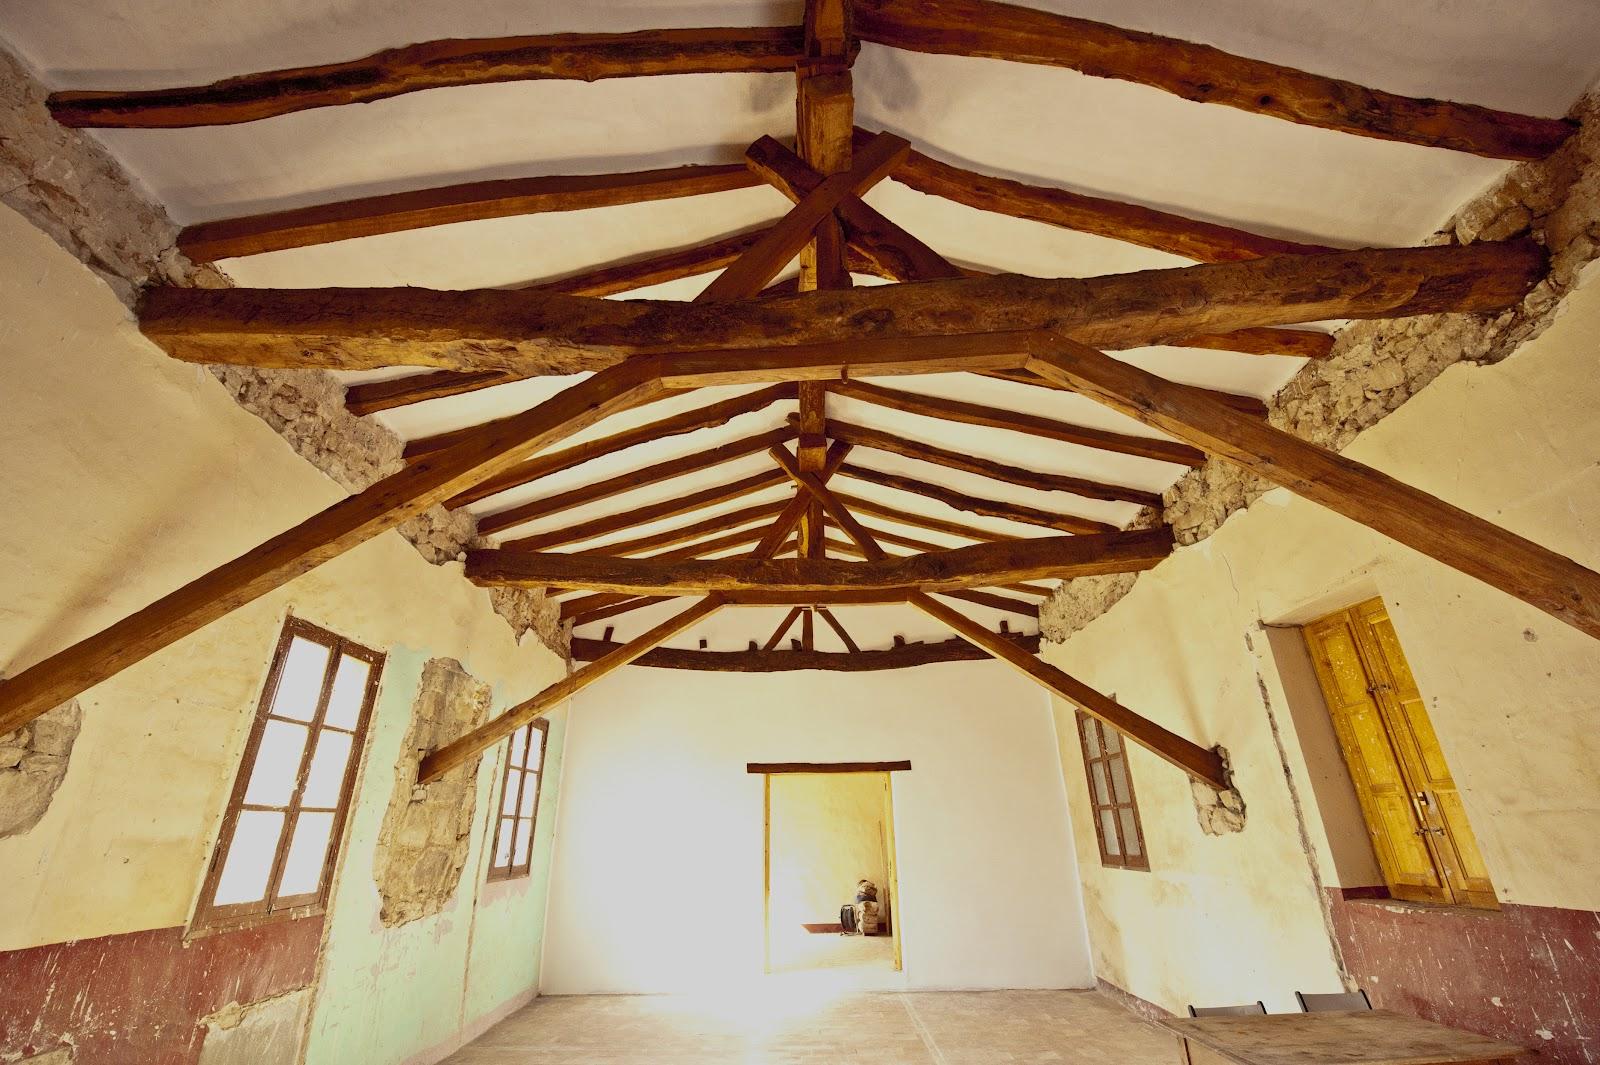 Lsvillanueva estructura de madera - Estructuras de madera para tejados ...